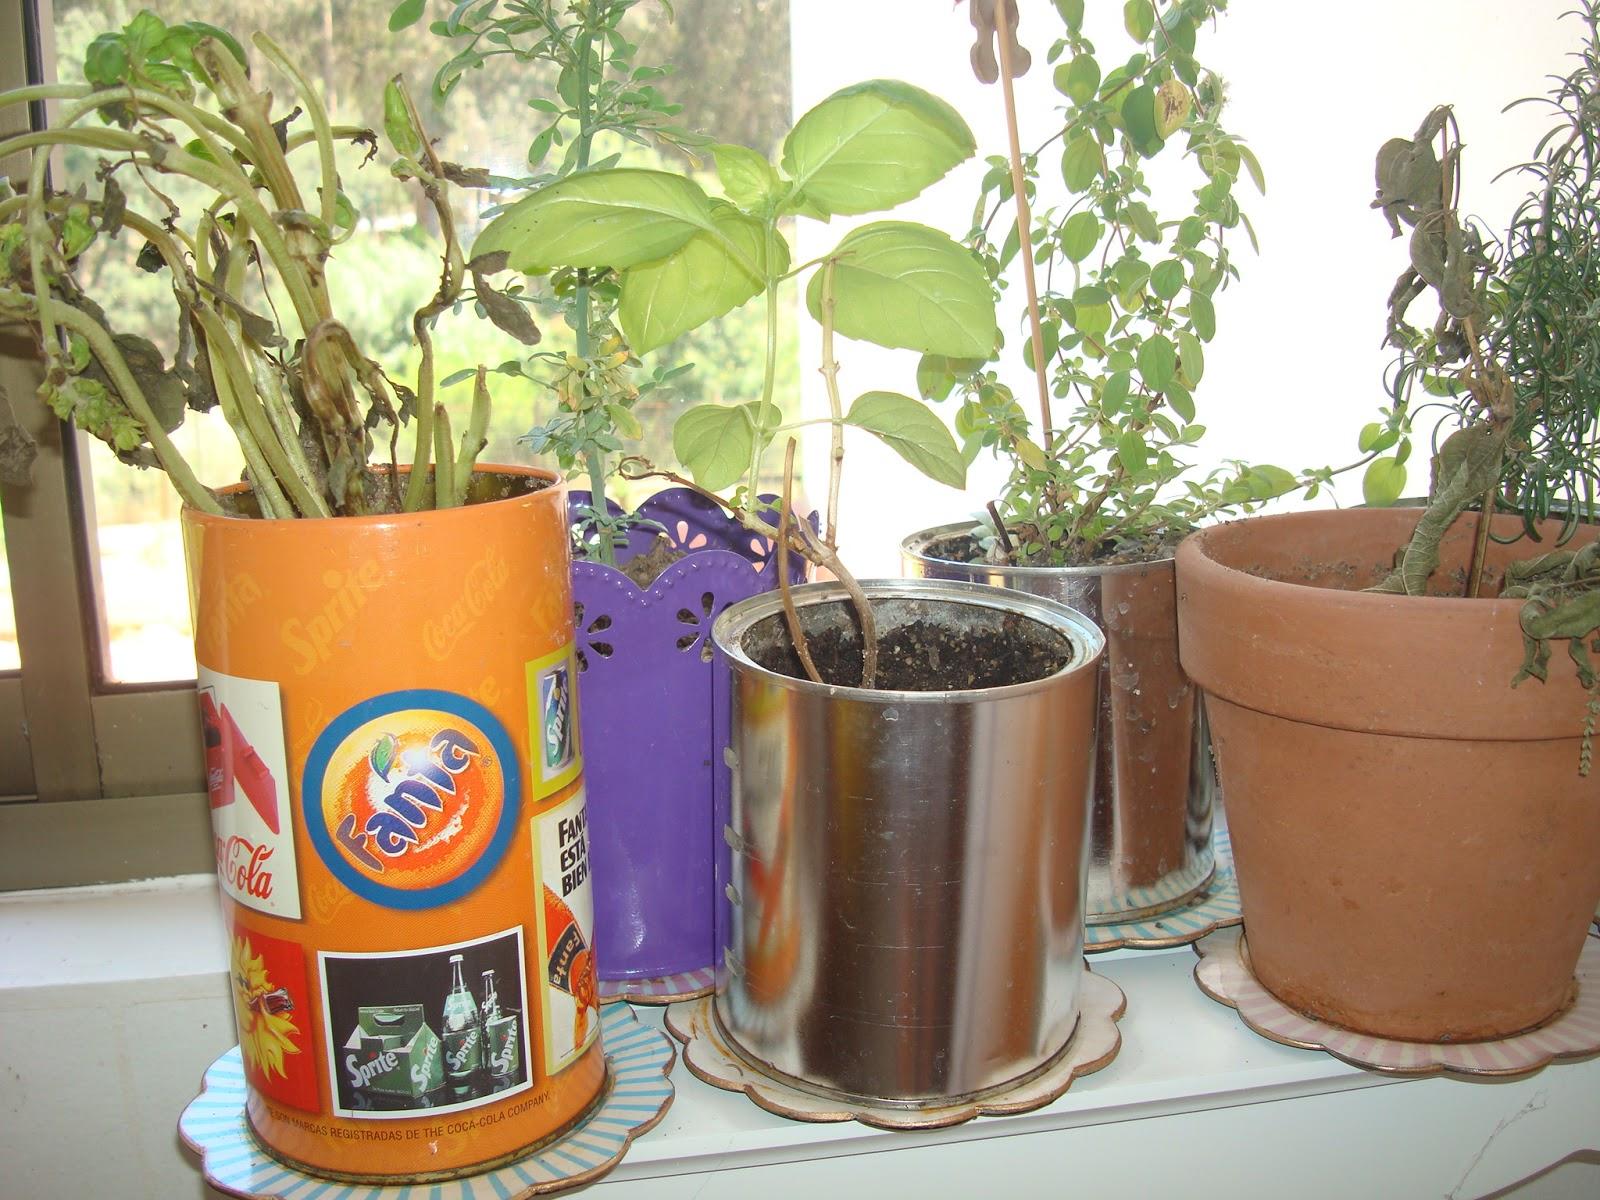 La casa de la laguna plantas arom ticas para la cocina - Plantas aromaticas en la cocina ...